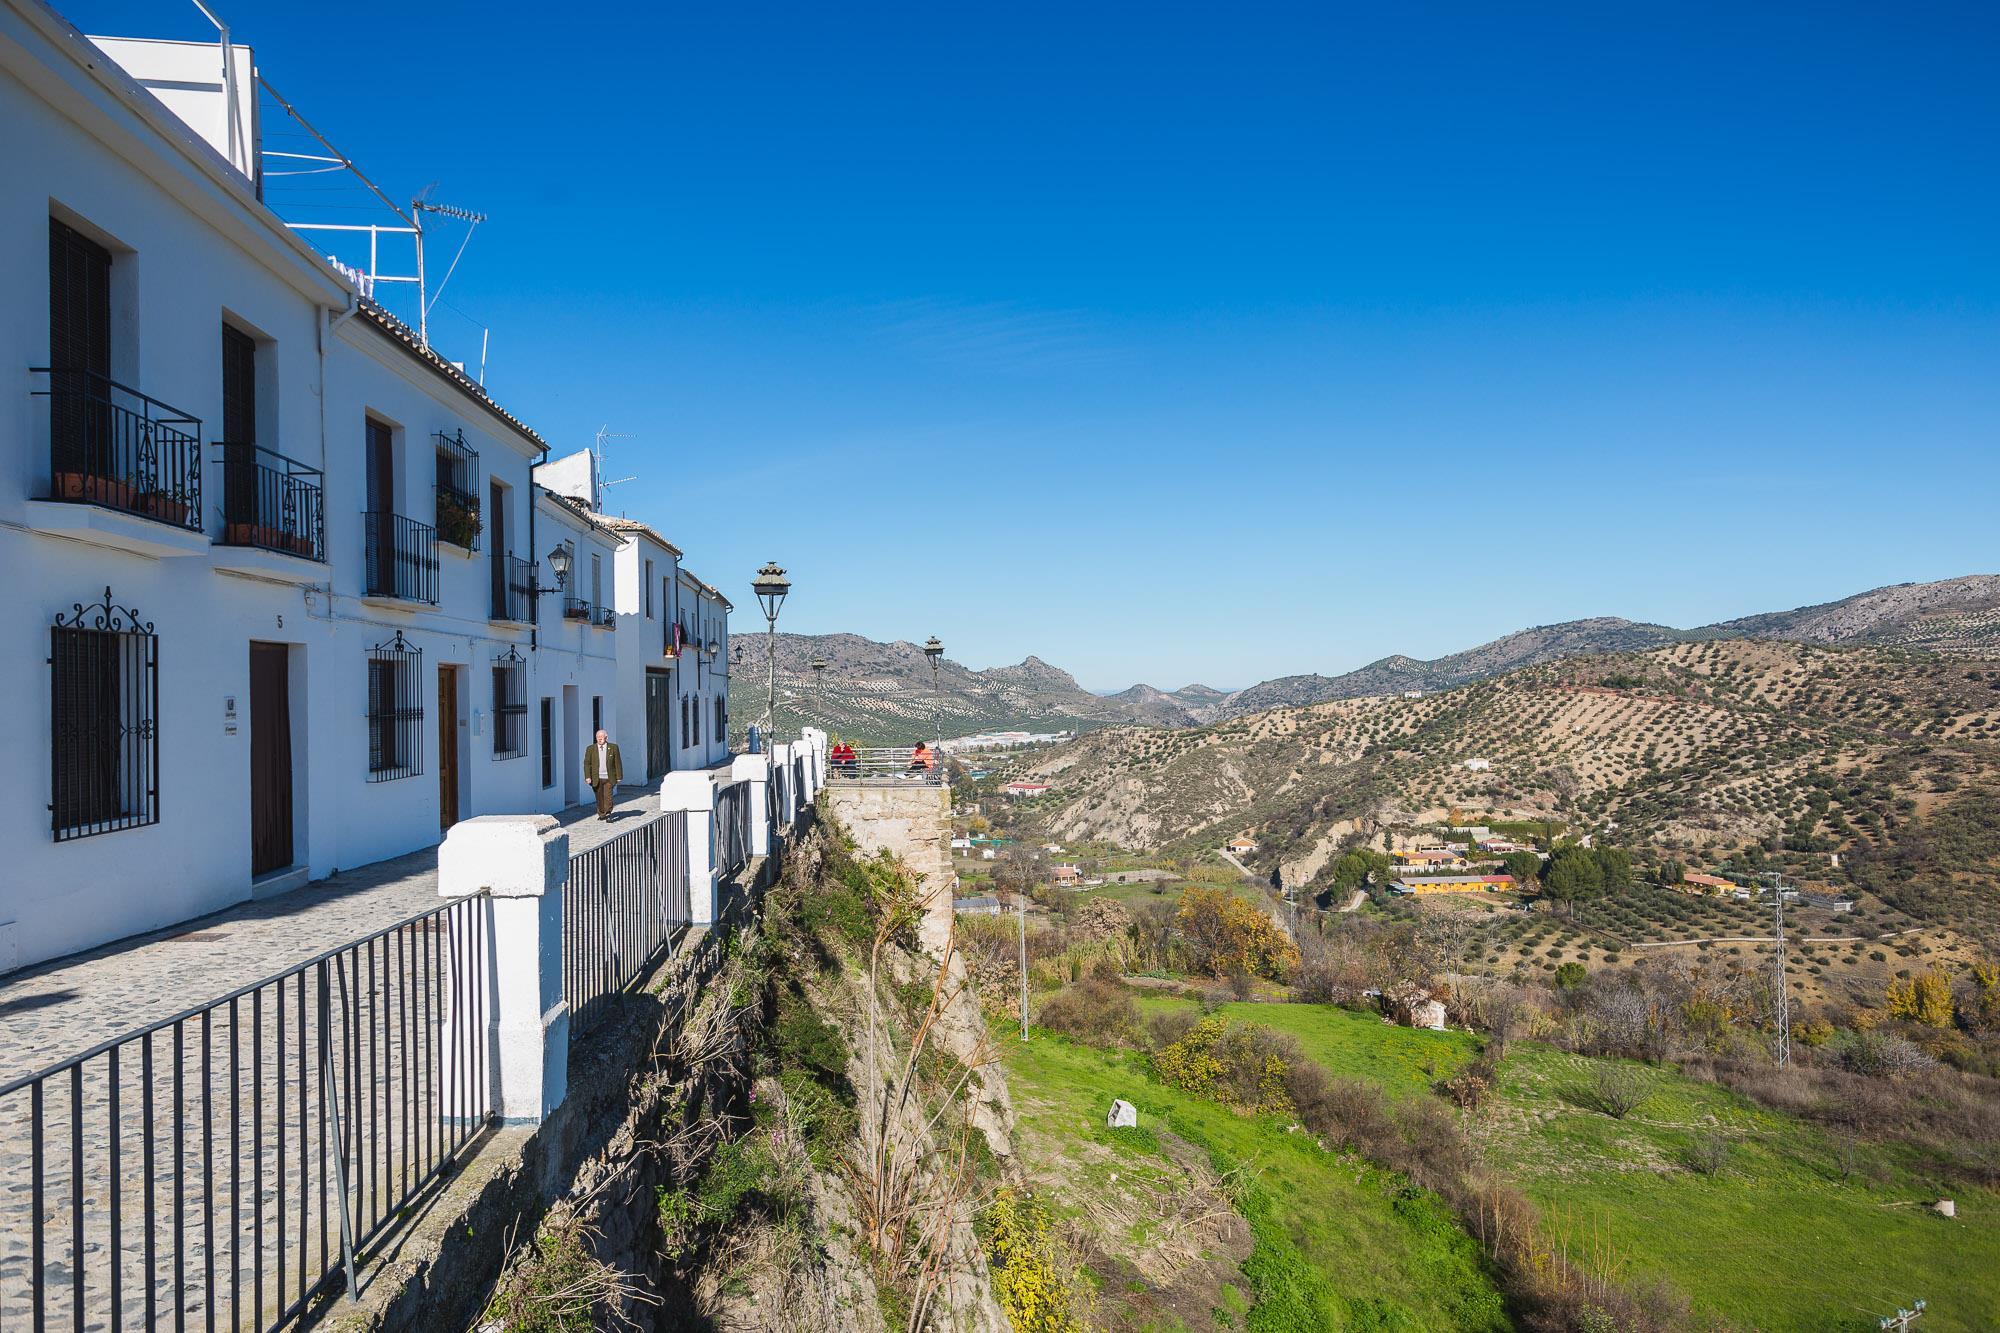 El Adarve, en la parte exterior del barrio de La Villa, es un balcón natural y resulta un mirador perfecto.